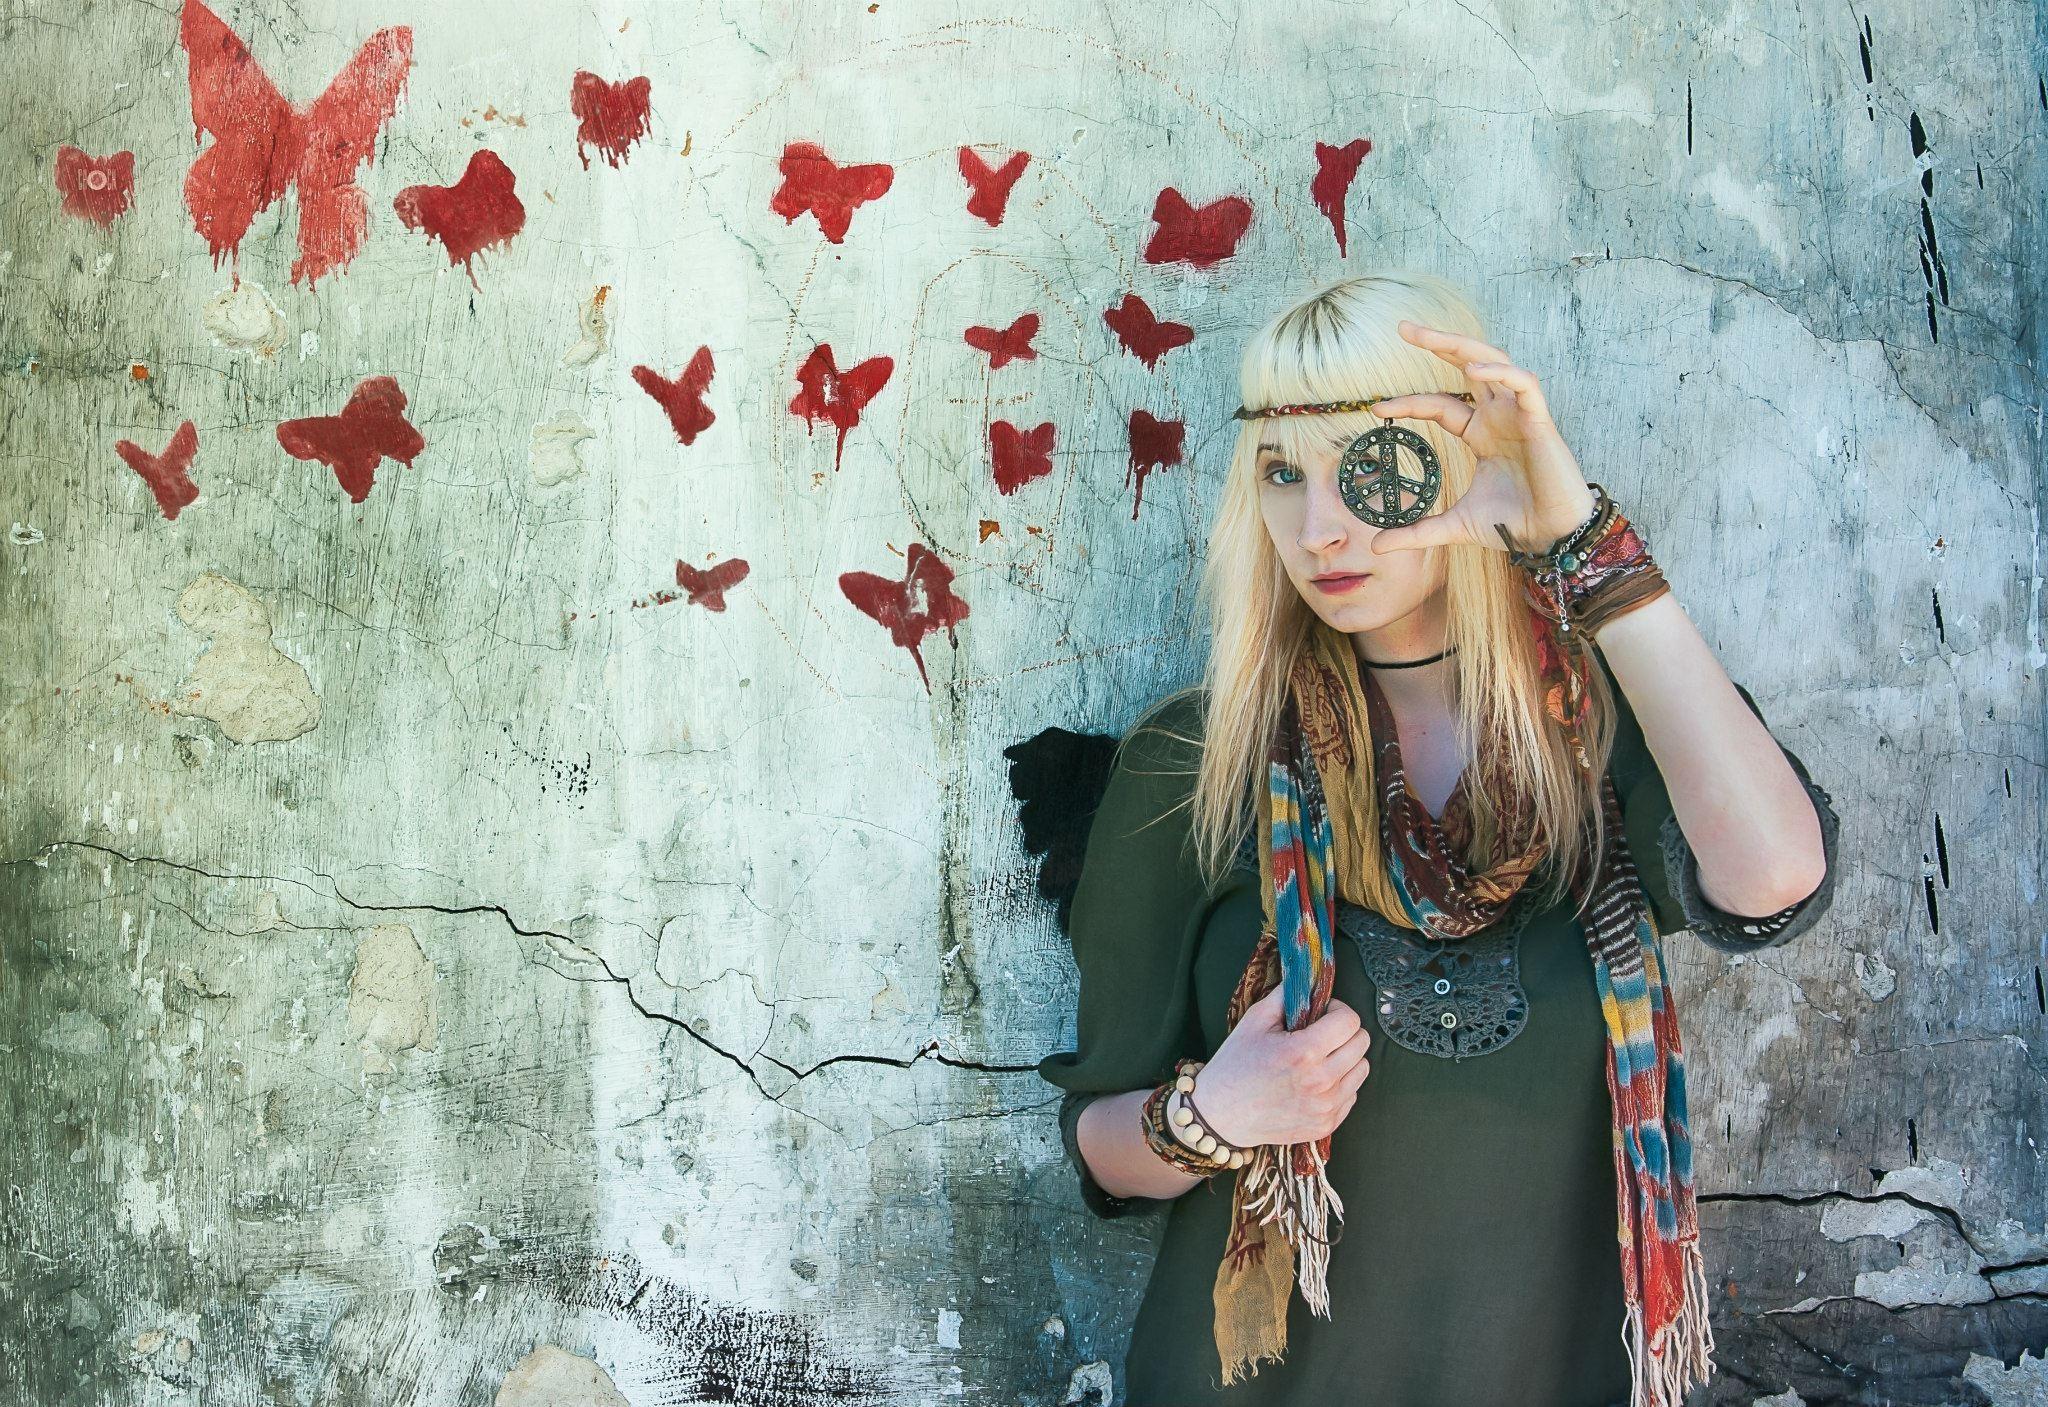 Fotos gratis : niña, Retro, amor, patrón, retrato, primavera, rojo ...